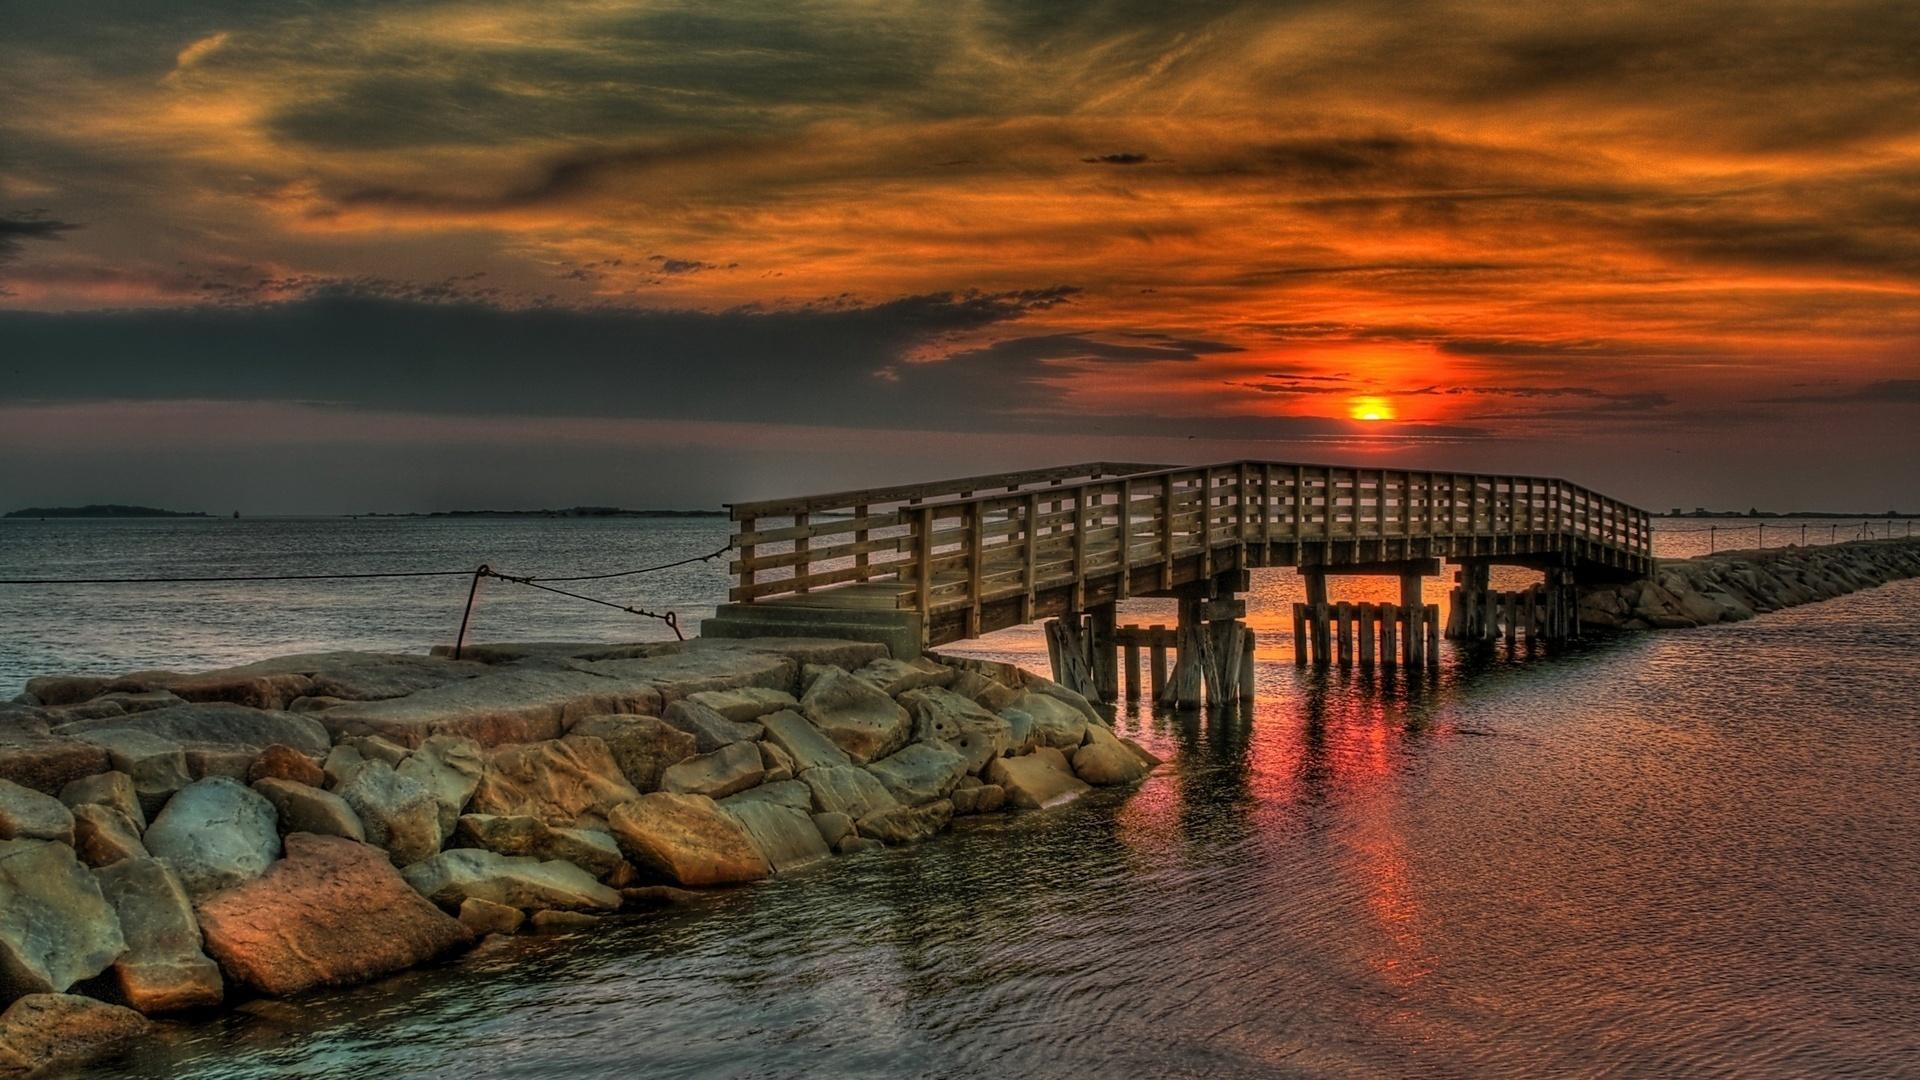 природа море мост  № 70160 загрузить